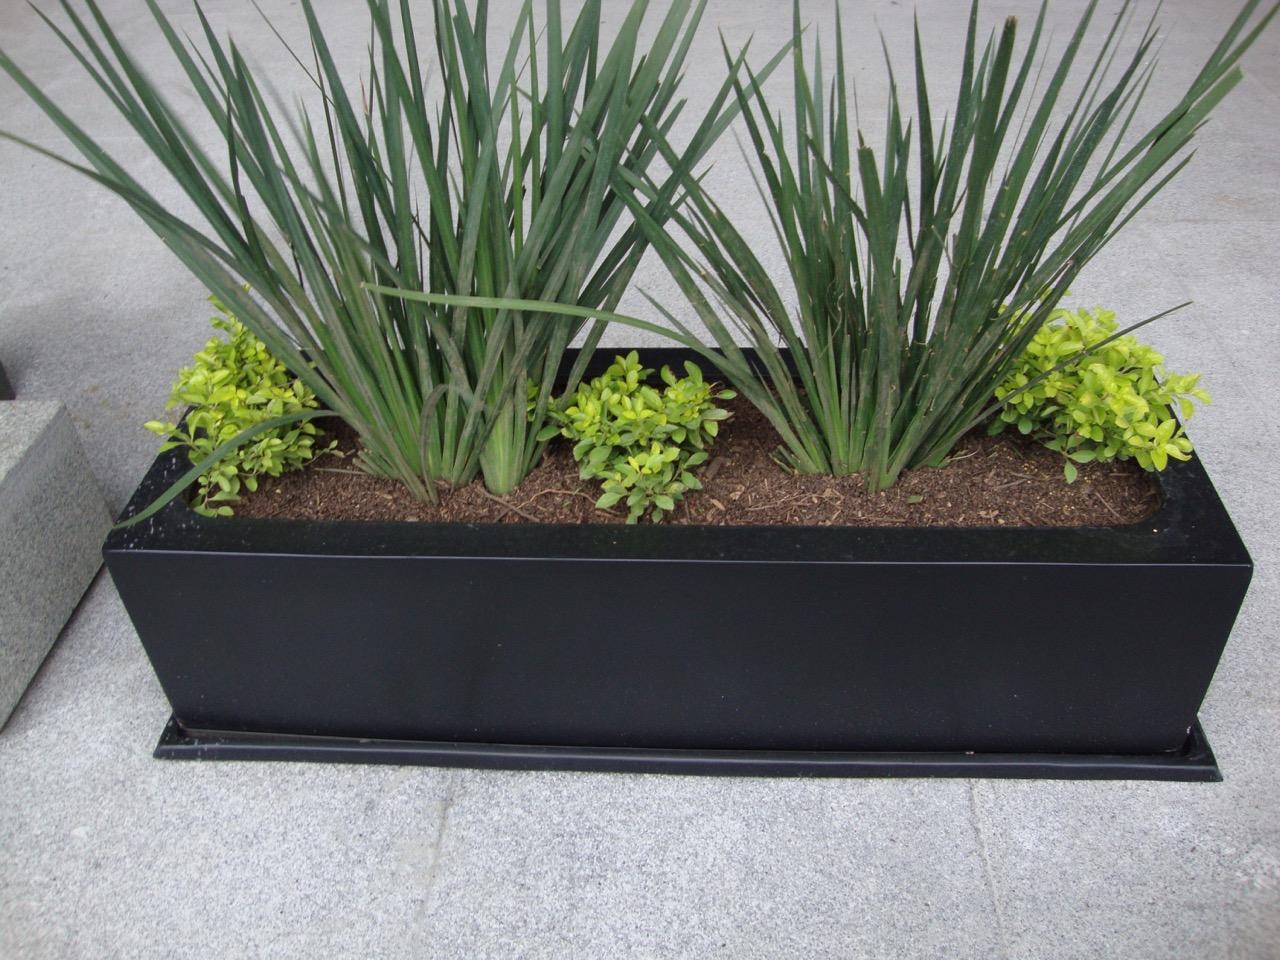 -Fibra de vidrio - Jardin- Viverdi México Jardinería y Fumigación - viverdimexico.com